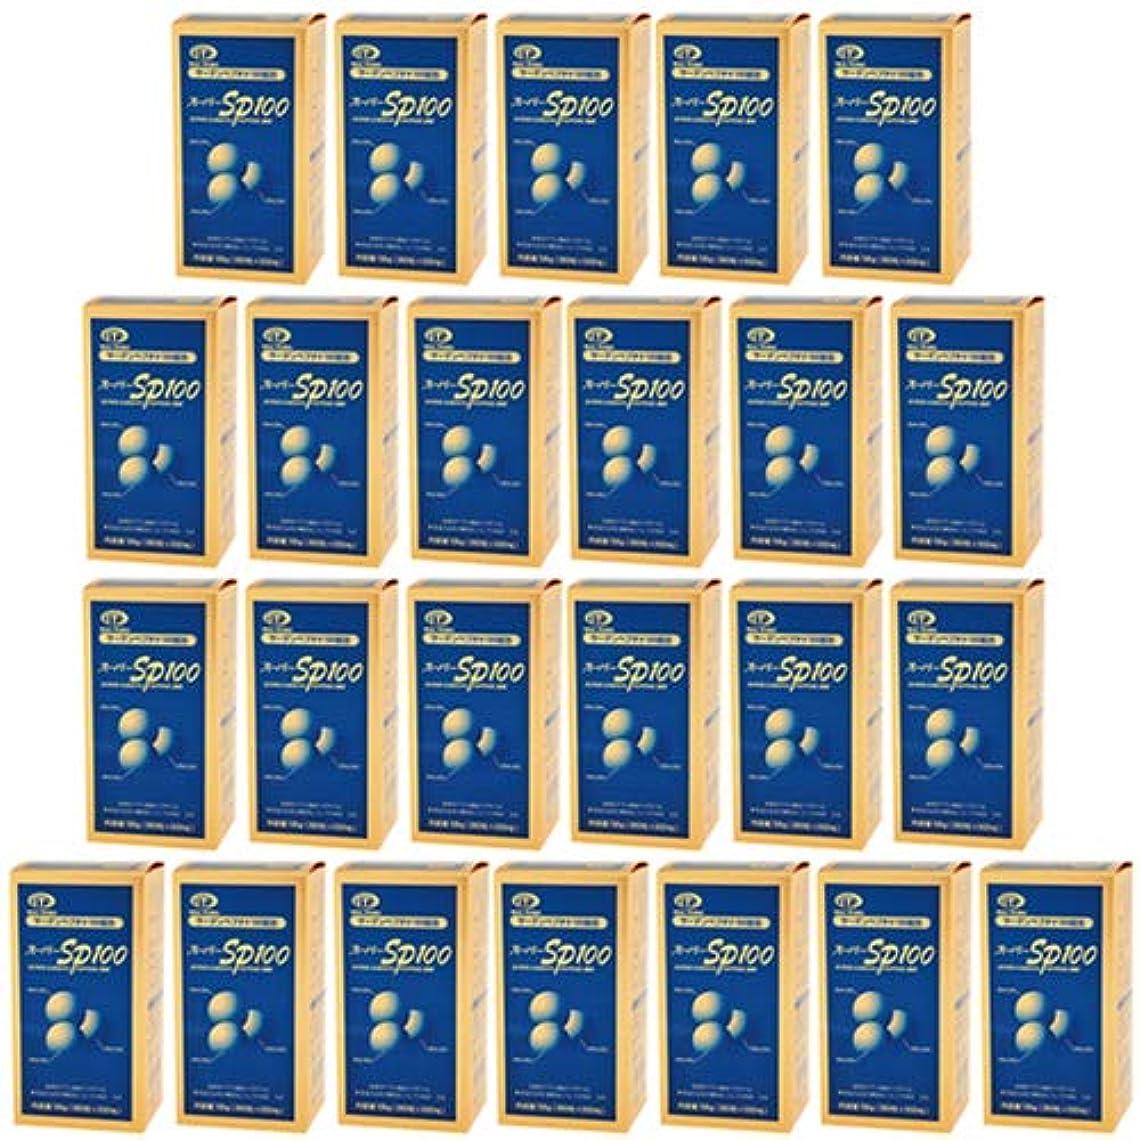 フライカイト例示する大邸宅スーパーSP100(イワシペプチド)(360粒) 24箱